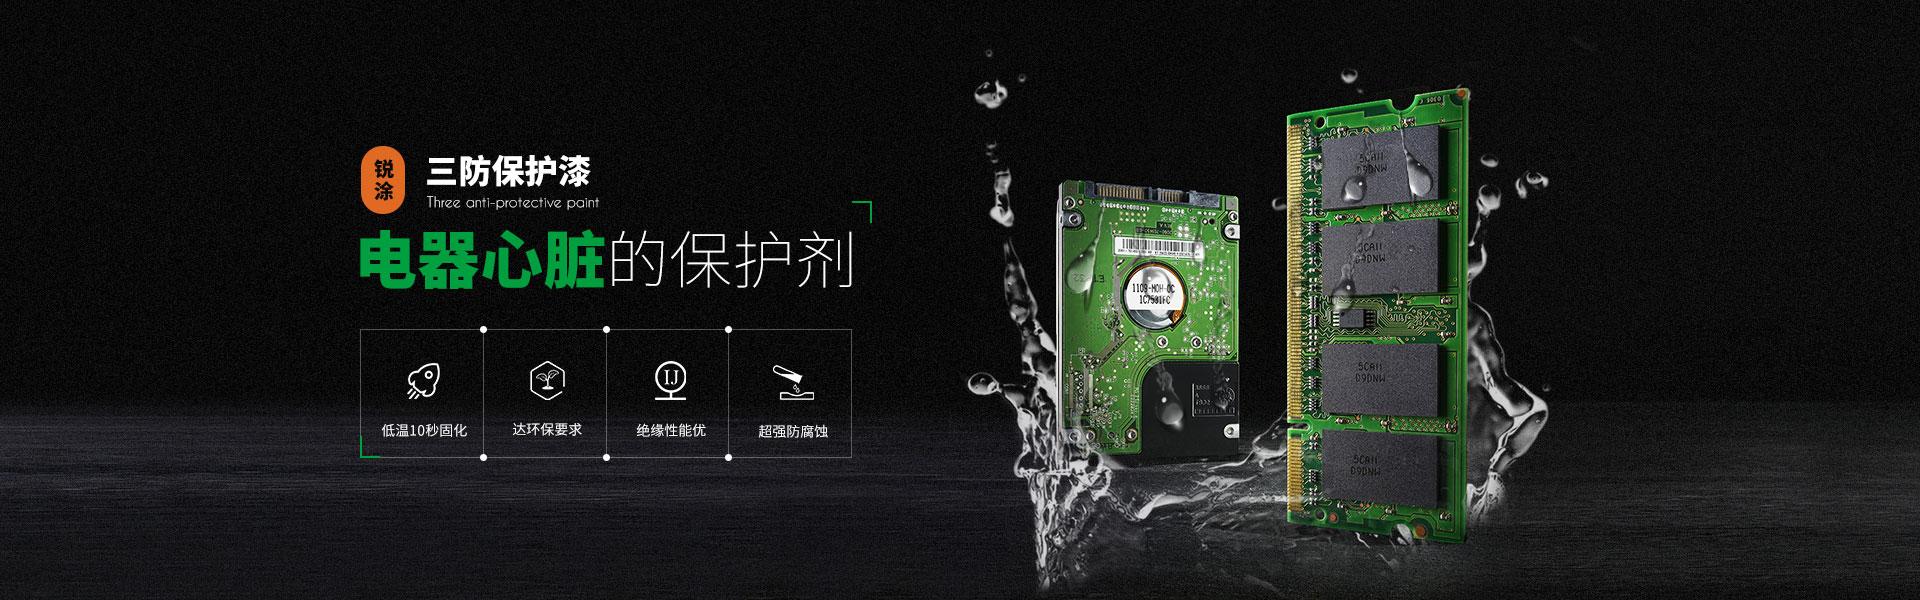 必威亚洲体育三防保护漆 · 电器心脏的保护剂